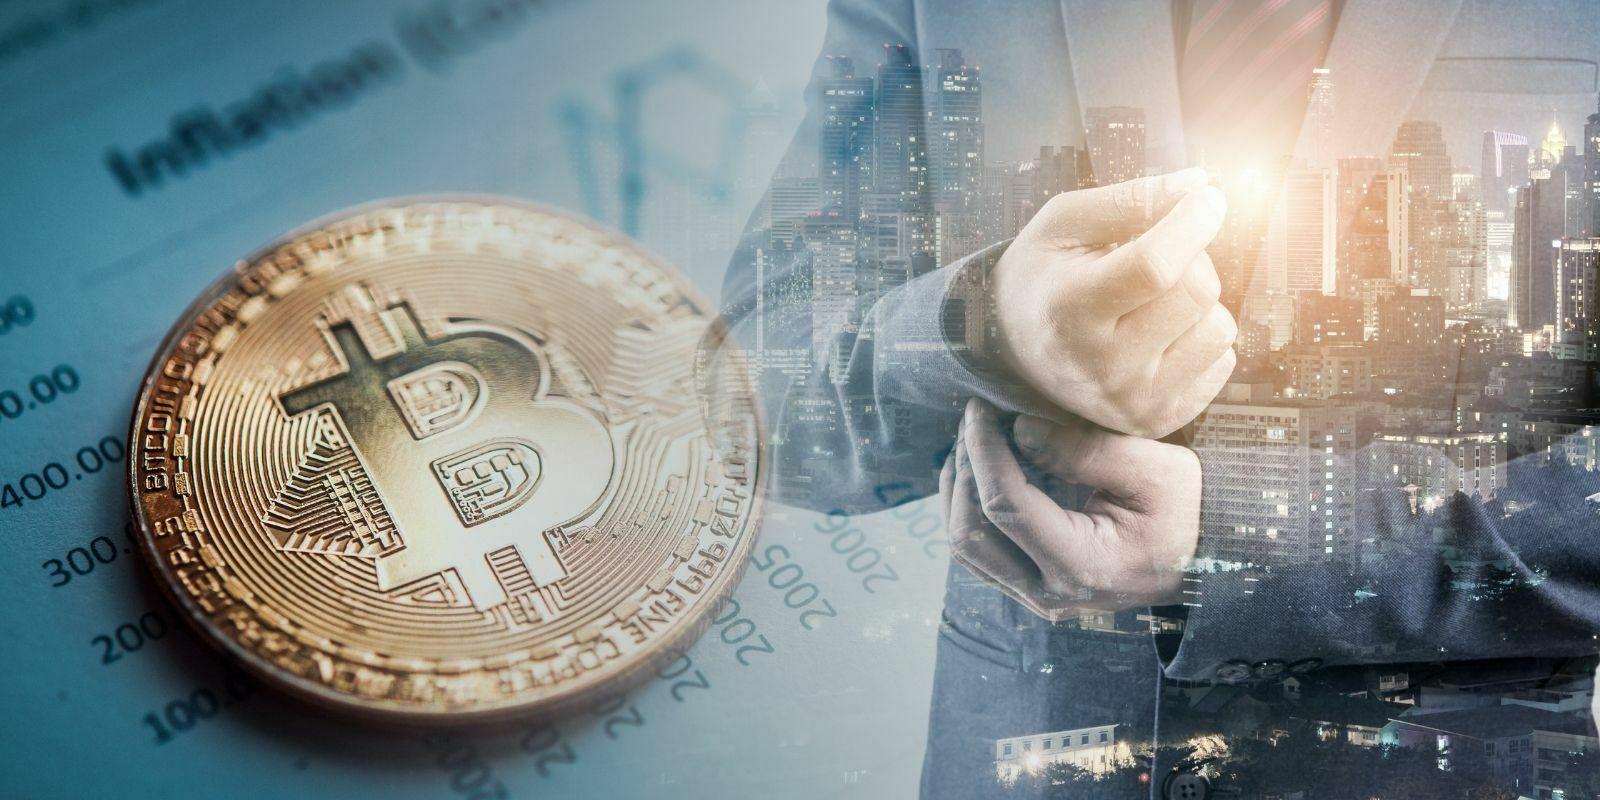 Le leader du trading à haute fréquence se lance dans les cryptomonnaies : ses revenus explosent